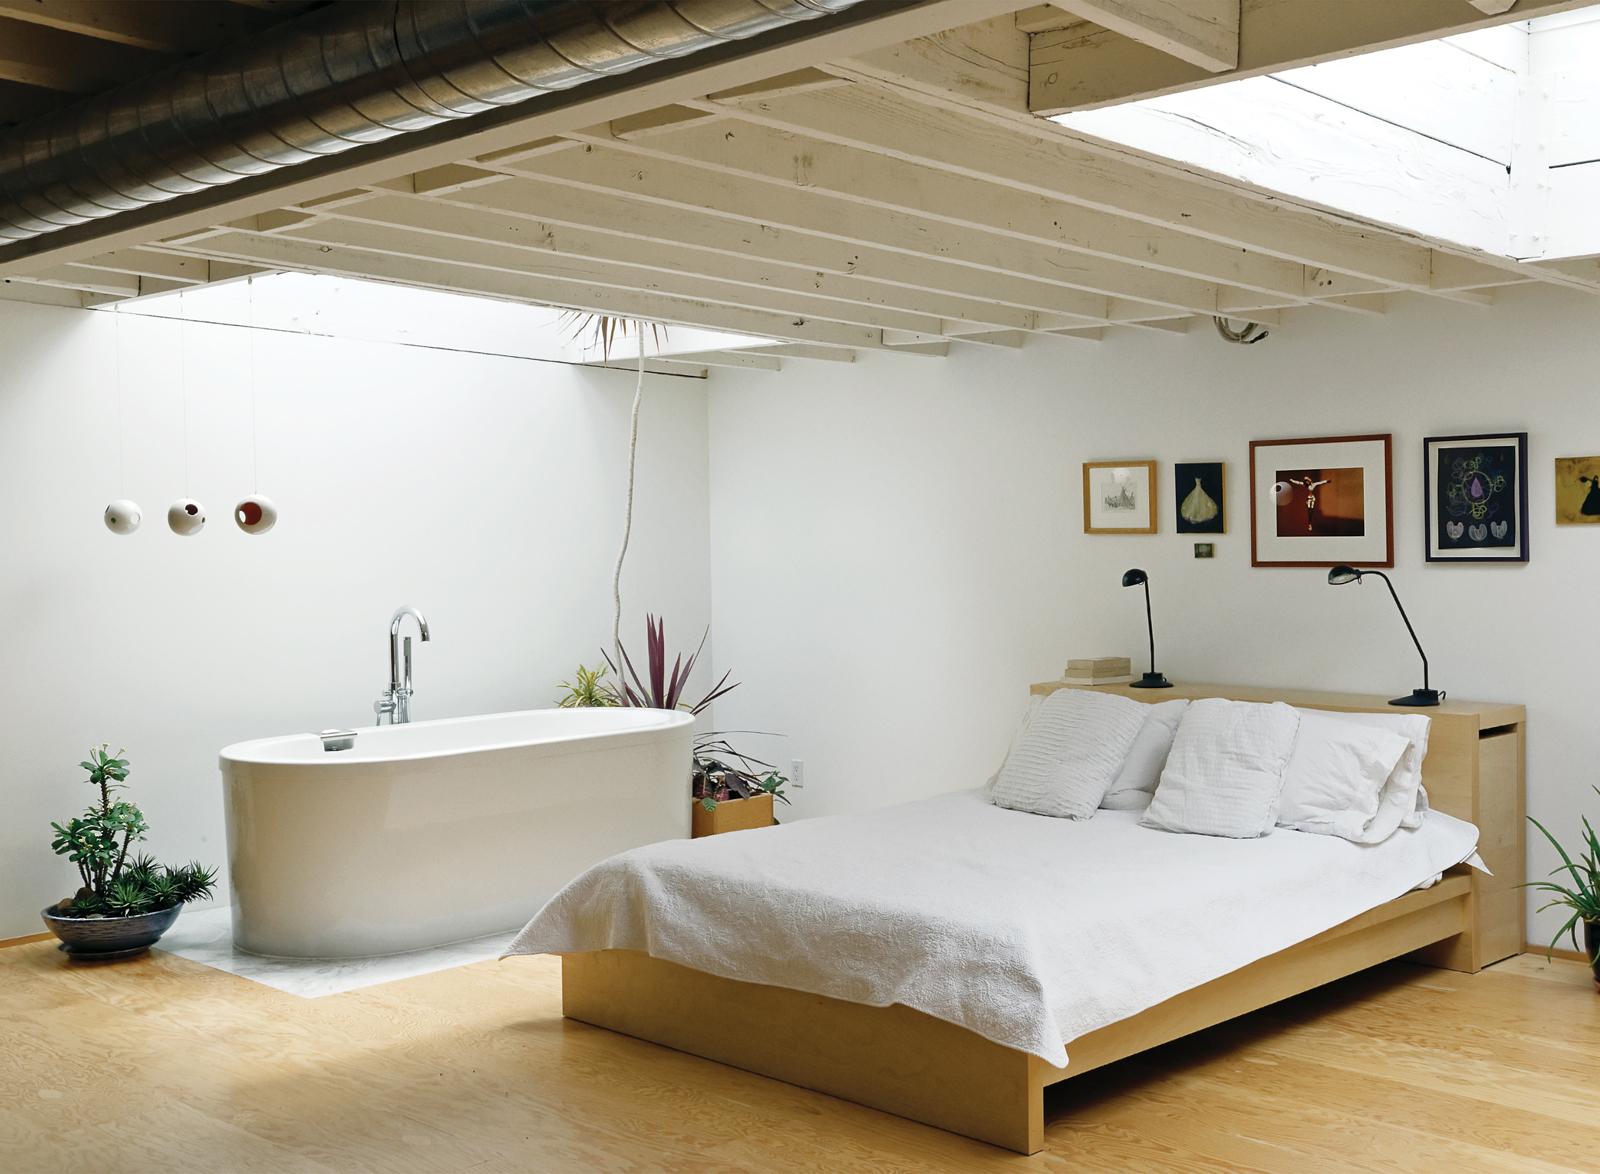 Vasca Da Bagno In Camera Da Letto : Camera da letto con vasca mansarda